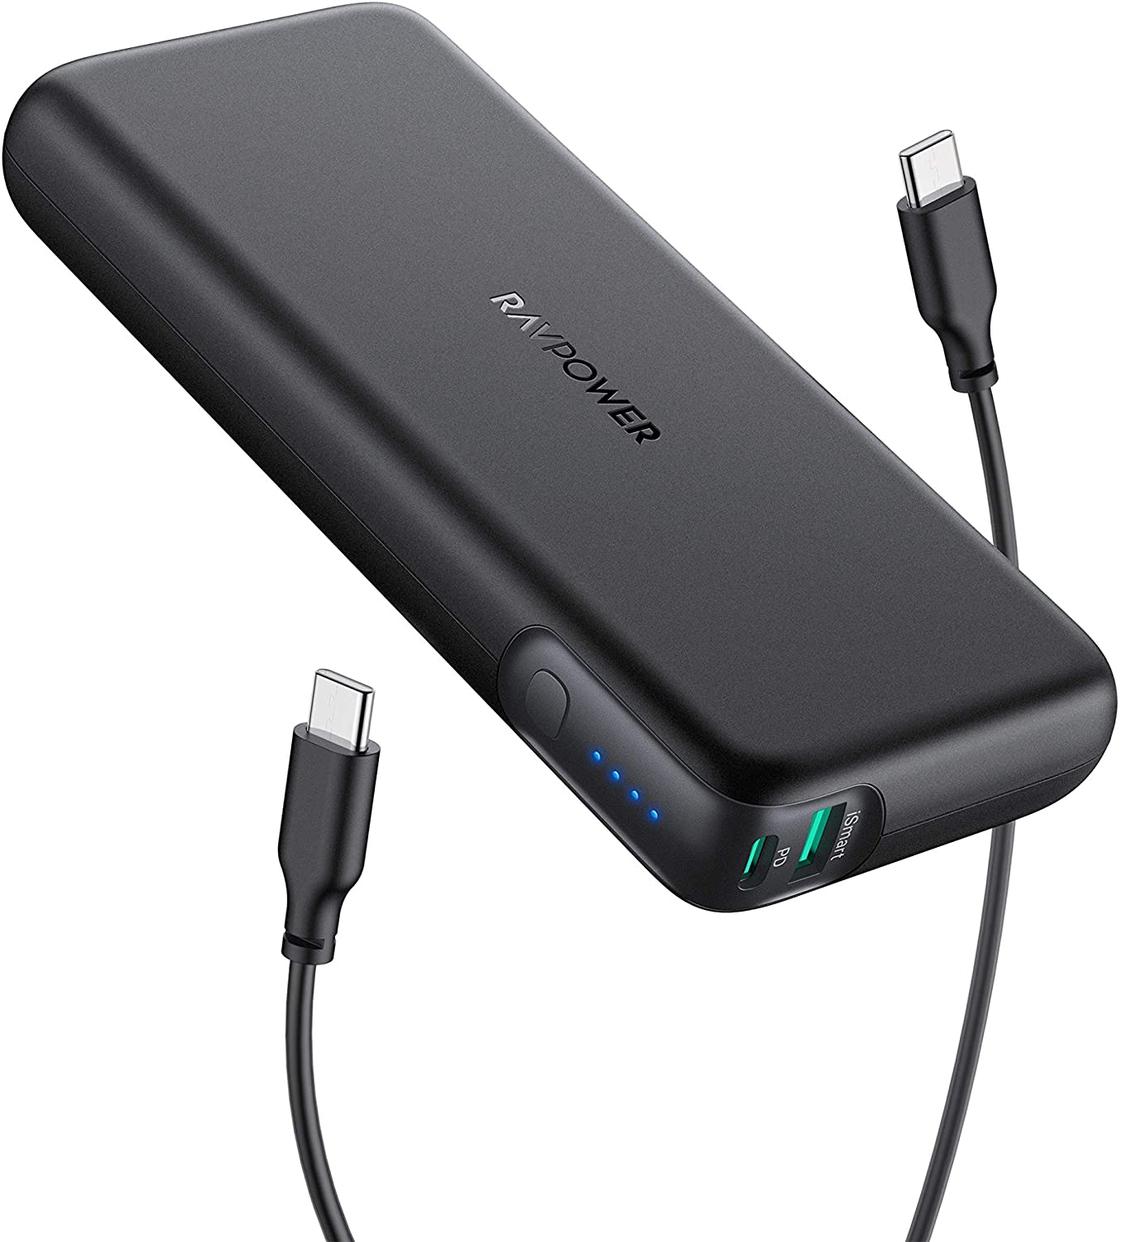 SUNVALLEY(サンバリー) 大容量・ハイパワーモバイルバッテリー RP-PB201の商品画像